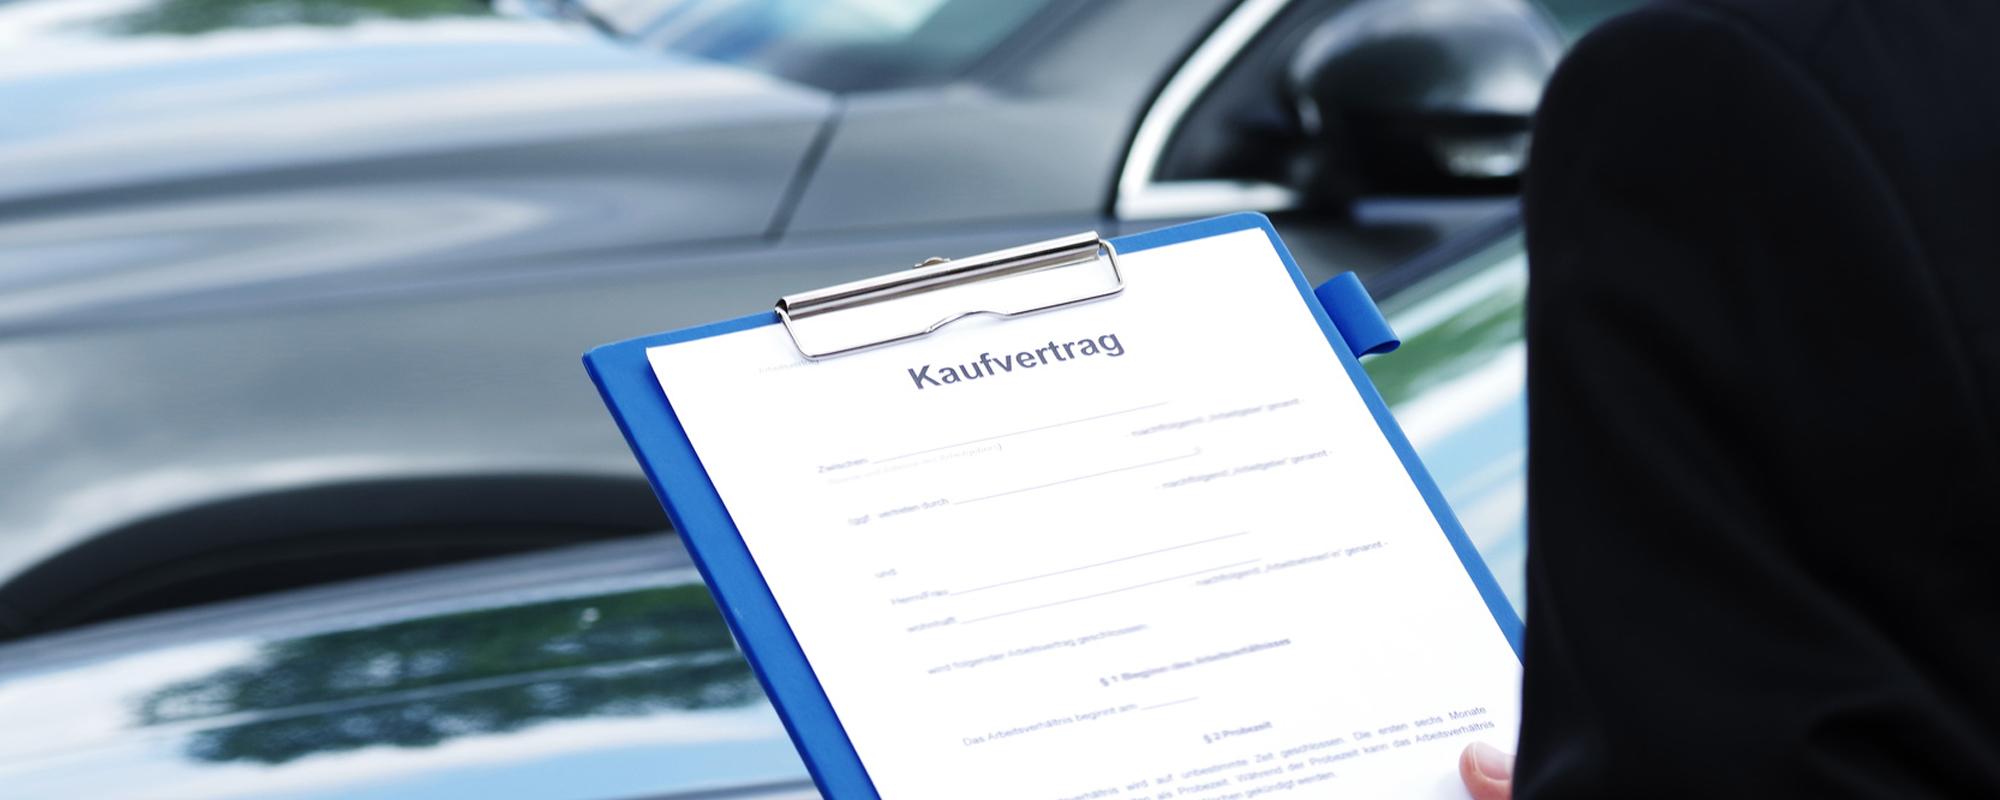 Dtm Automobile Baden Baden Gebrauchtwagen An Und Verkauf